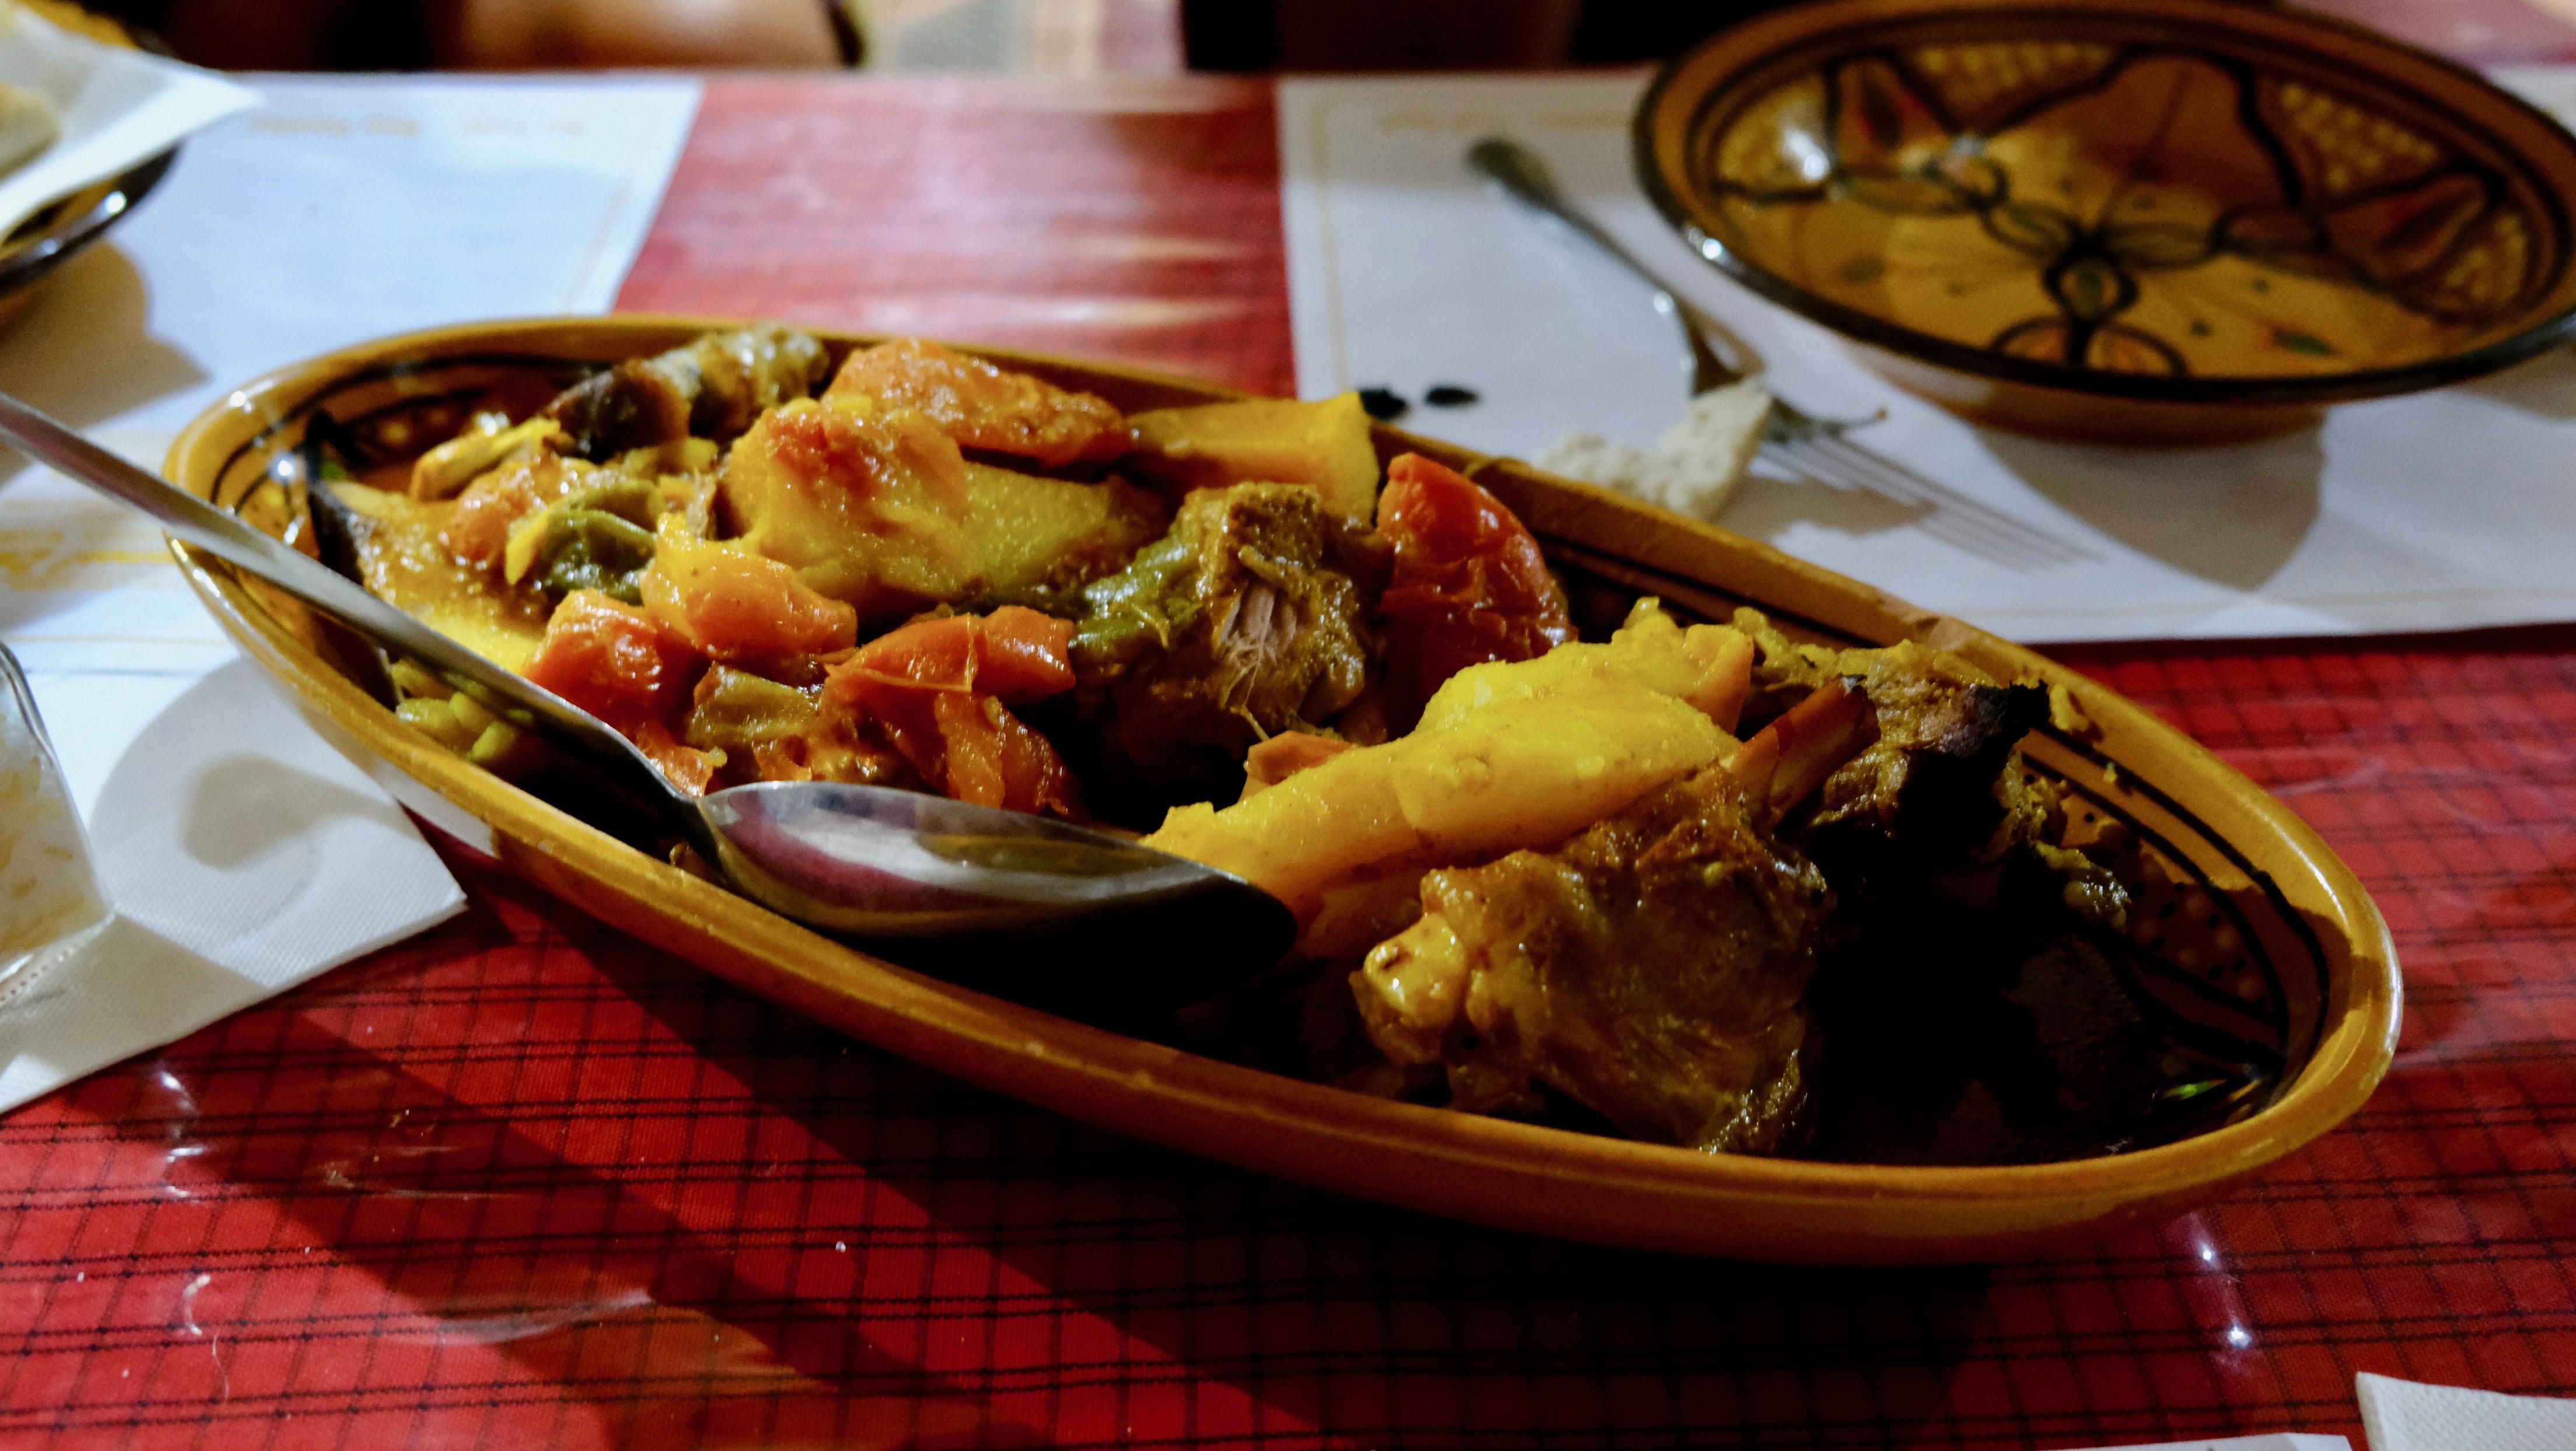 Taste Delicious Tunisian Food